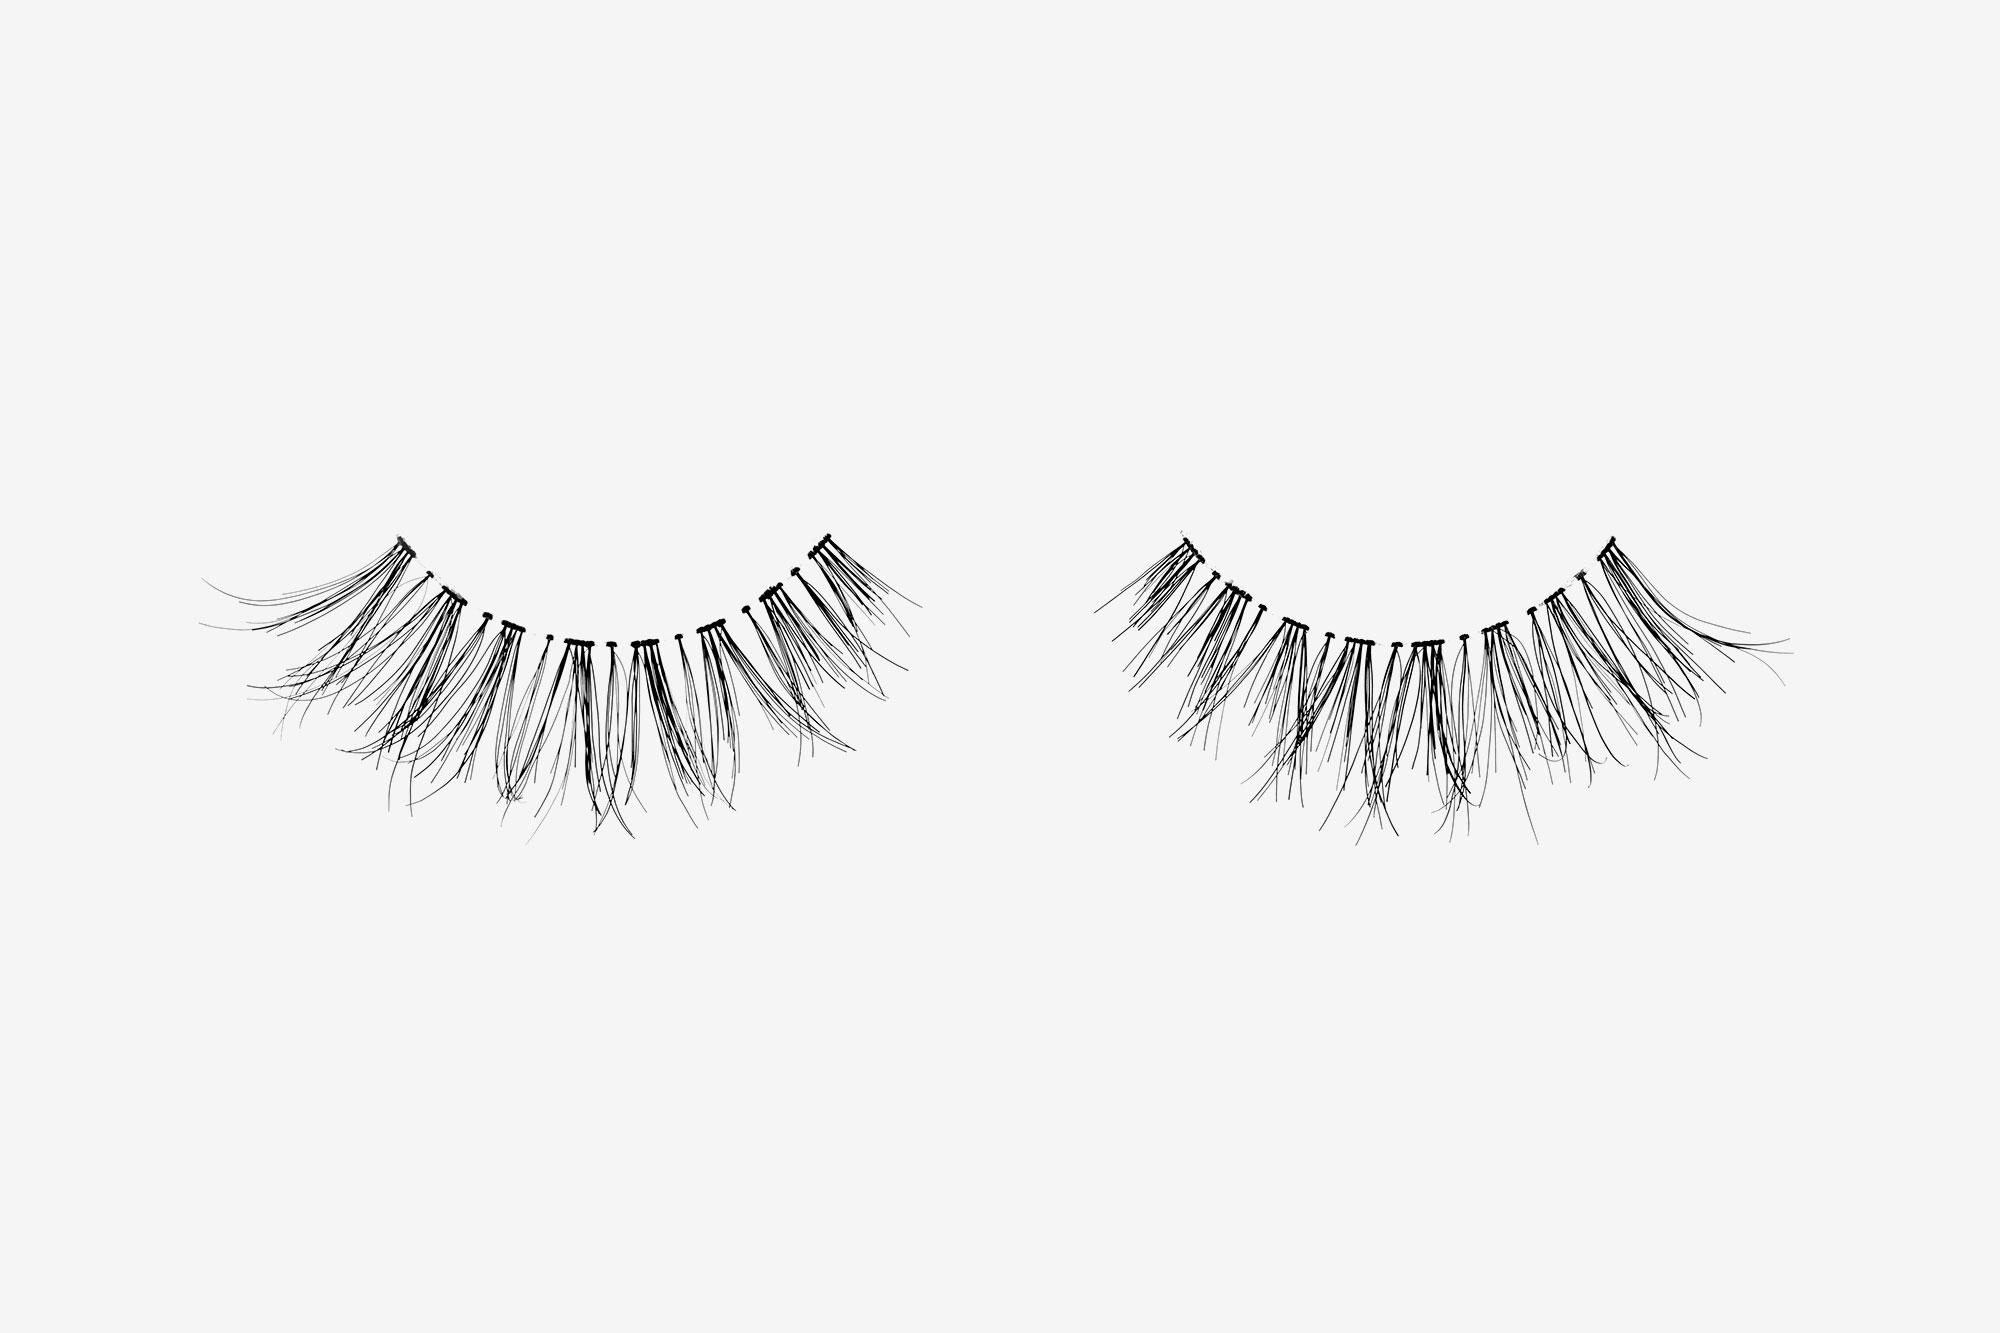 Carey False Eyelashes, pair of false eyelashes side by side on grey background